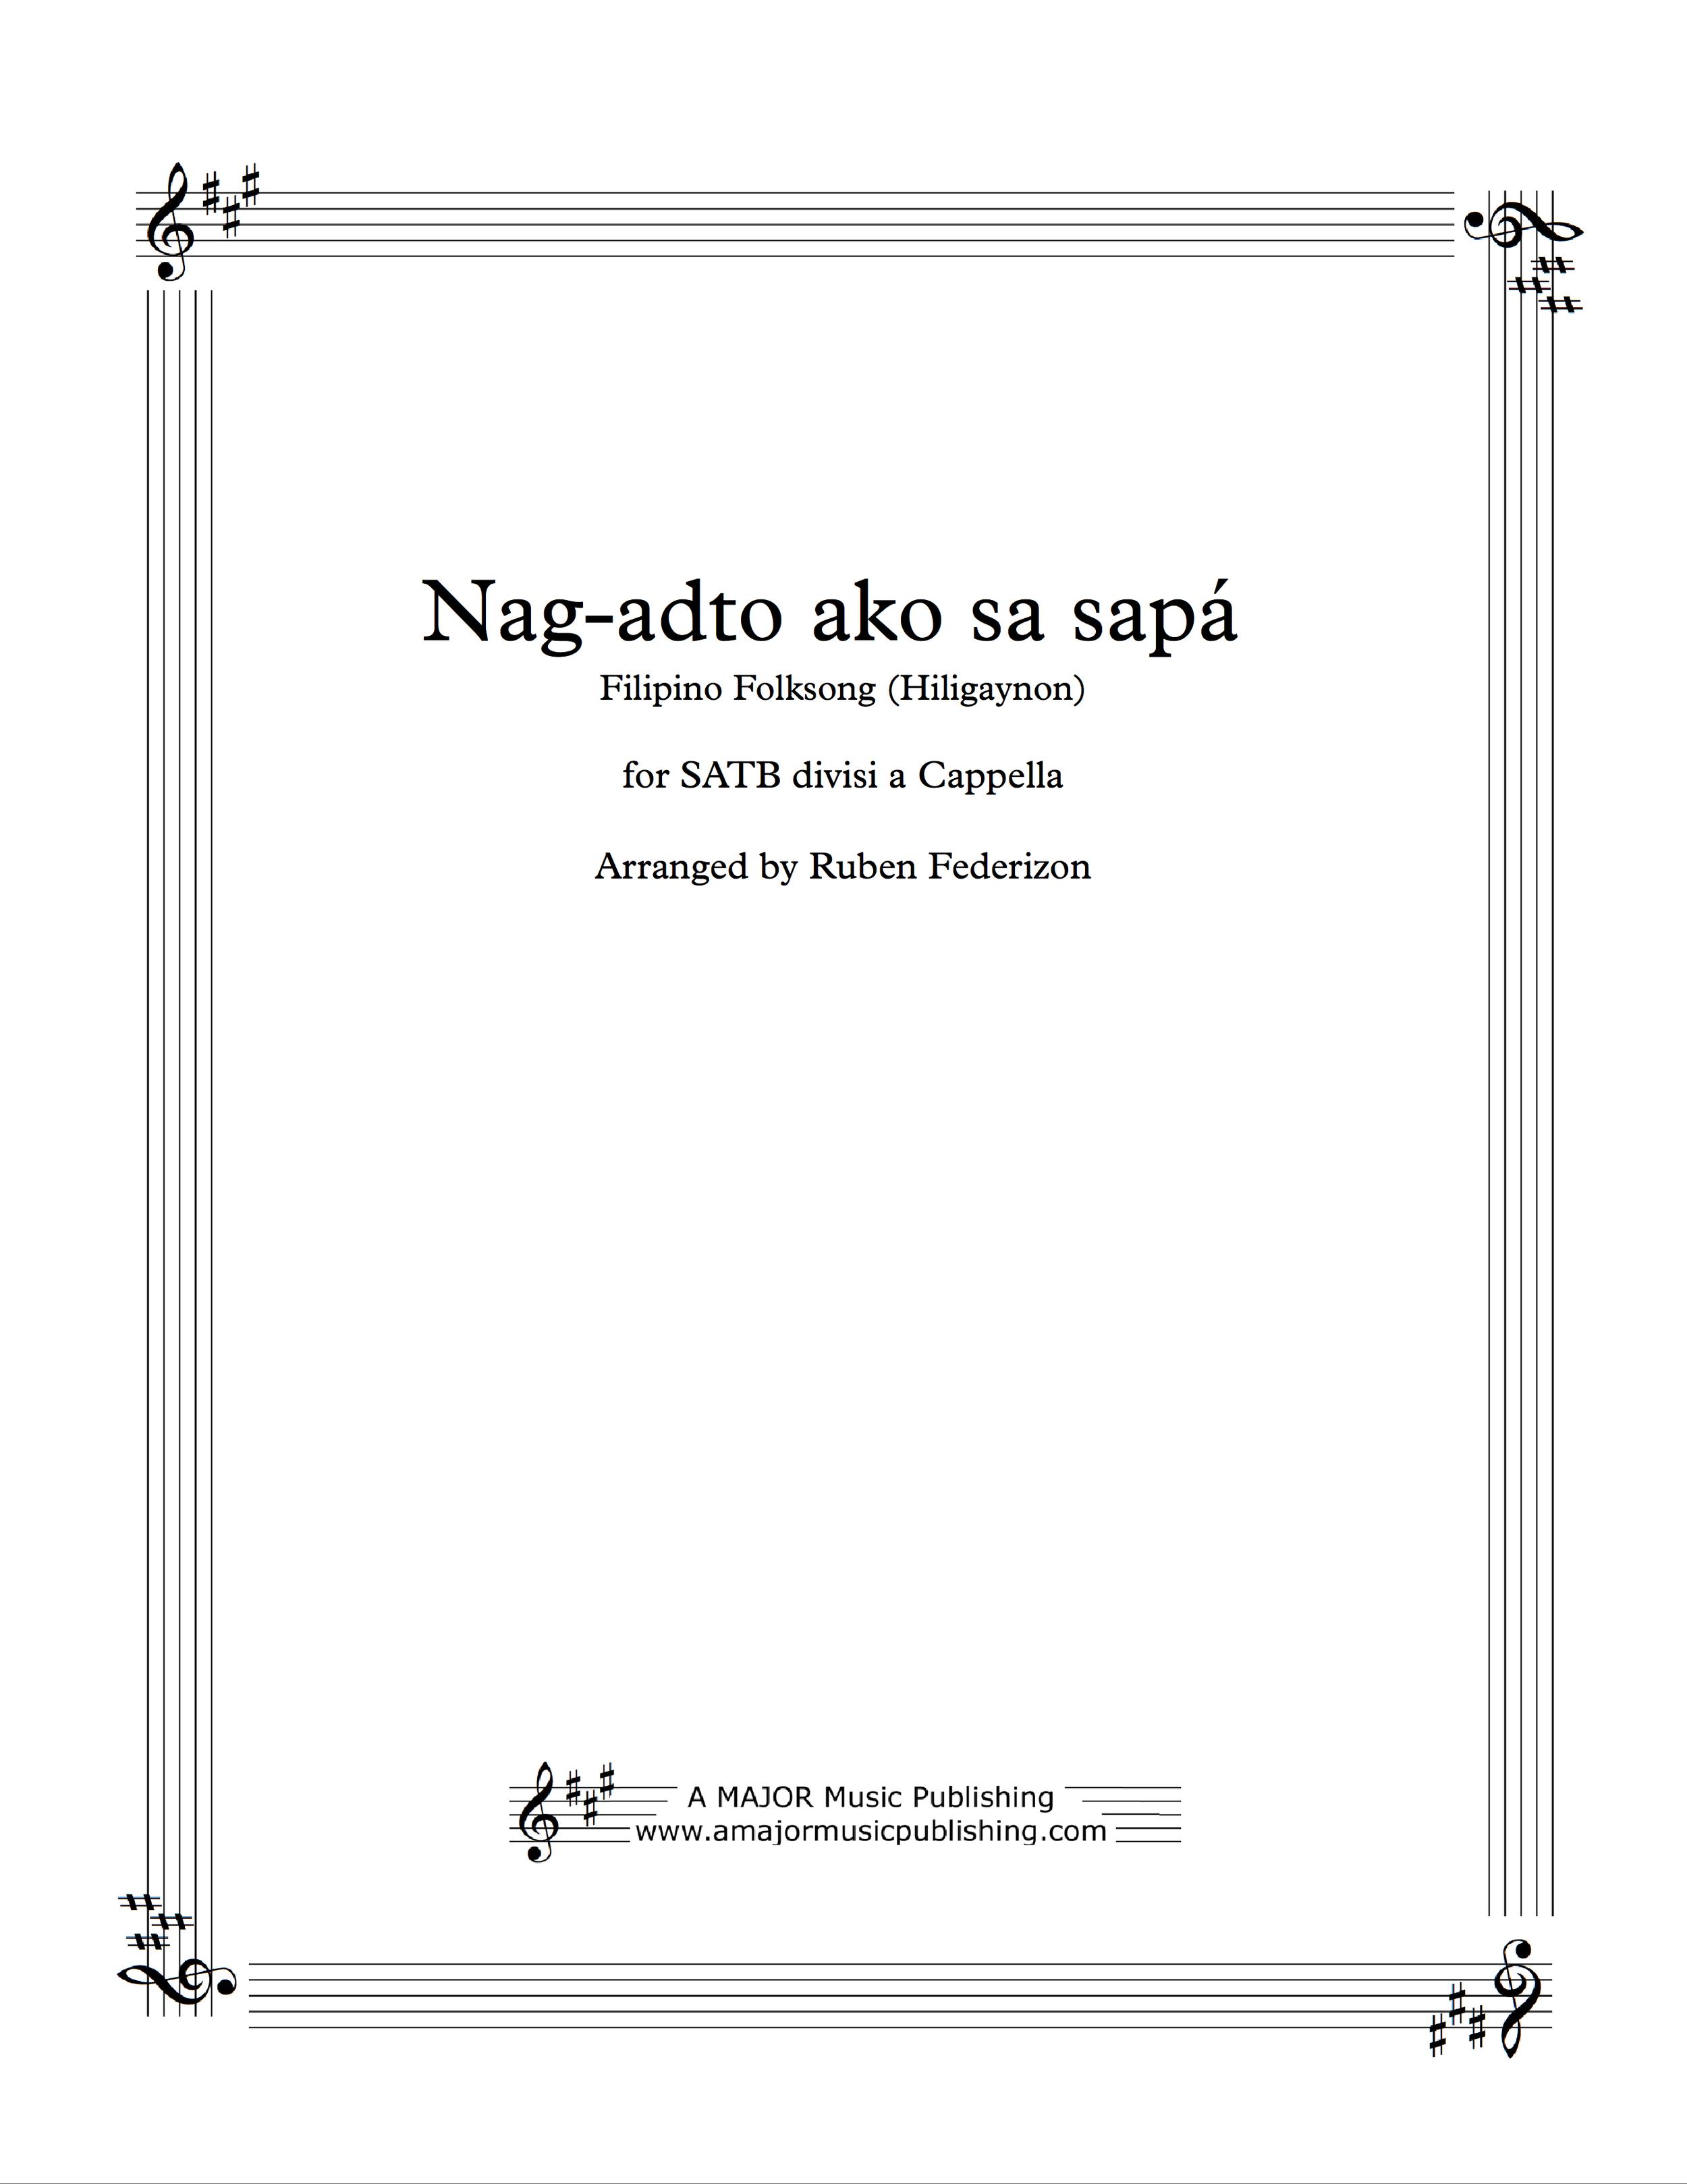 nag-adto ako02_0001.png